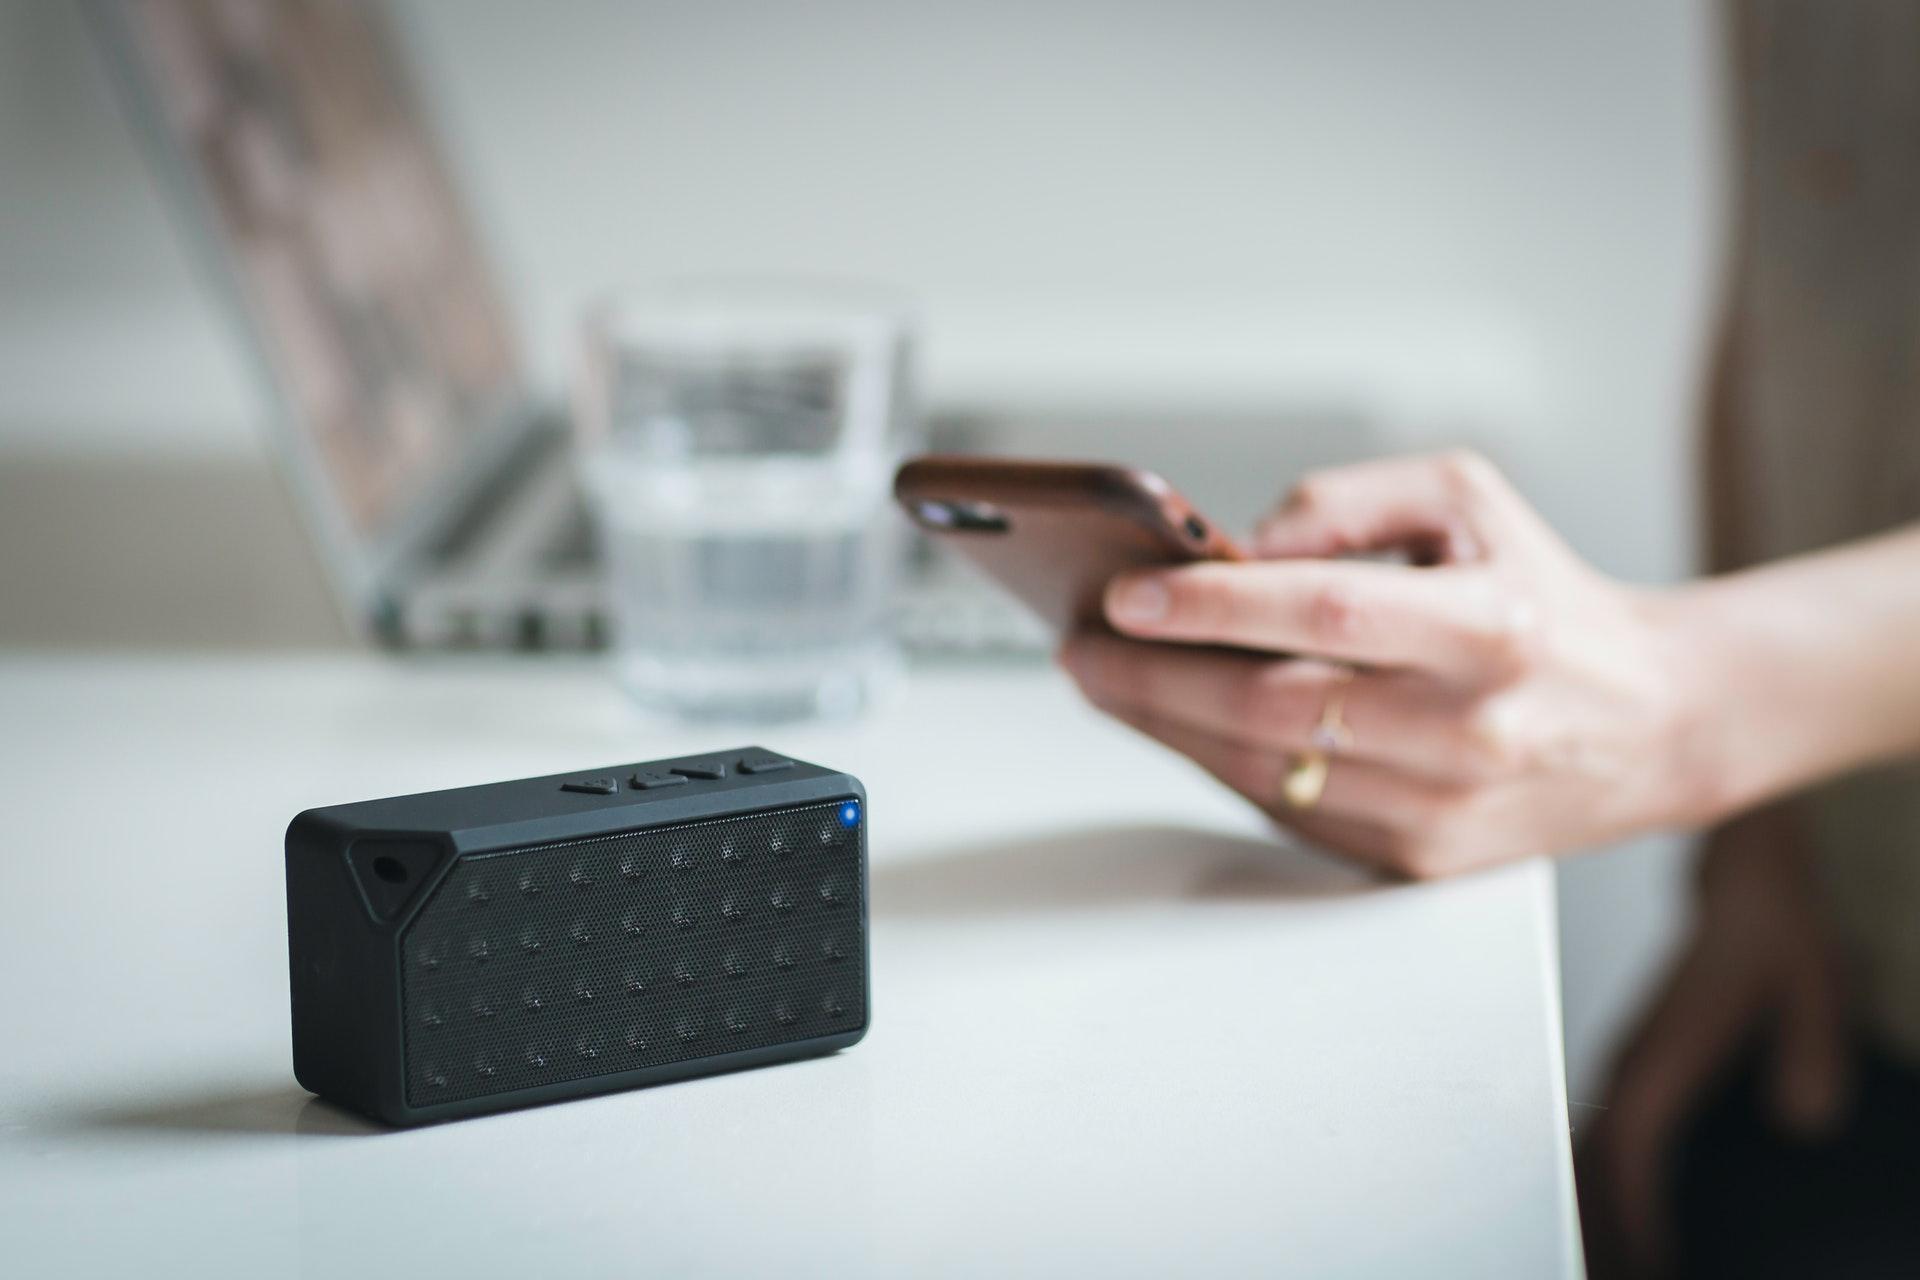 Los altavoces inteligentes son los dispositivos inteligentes más vendidos a nivel mundial.